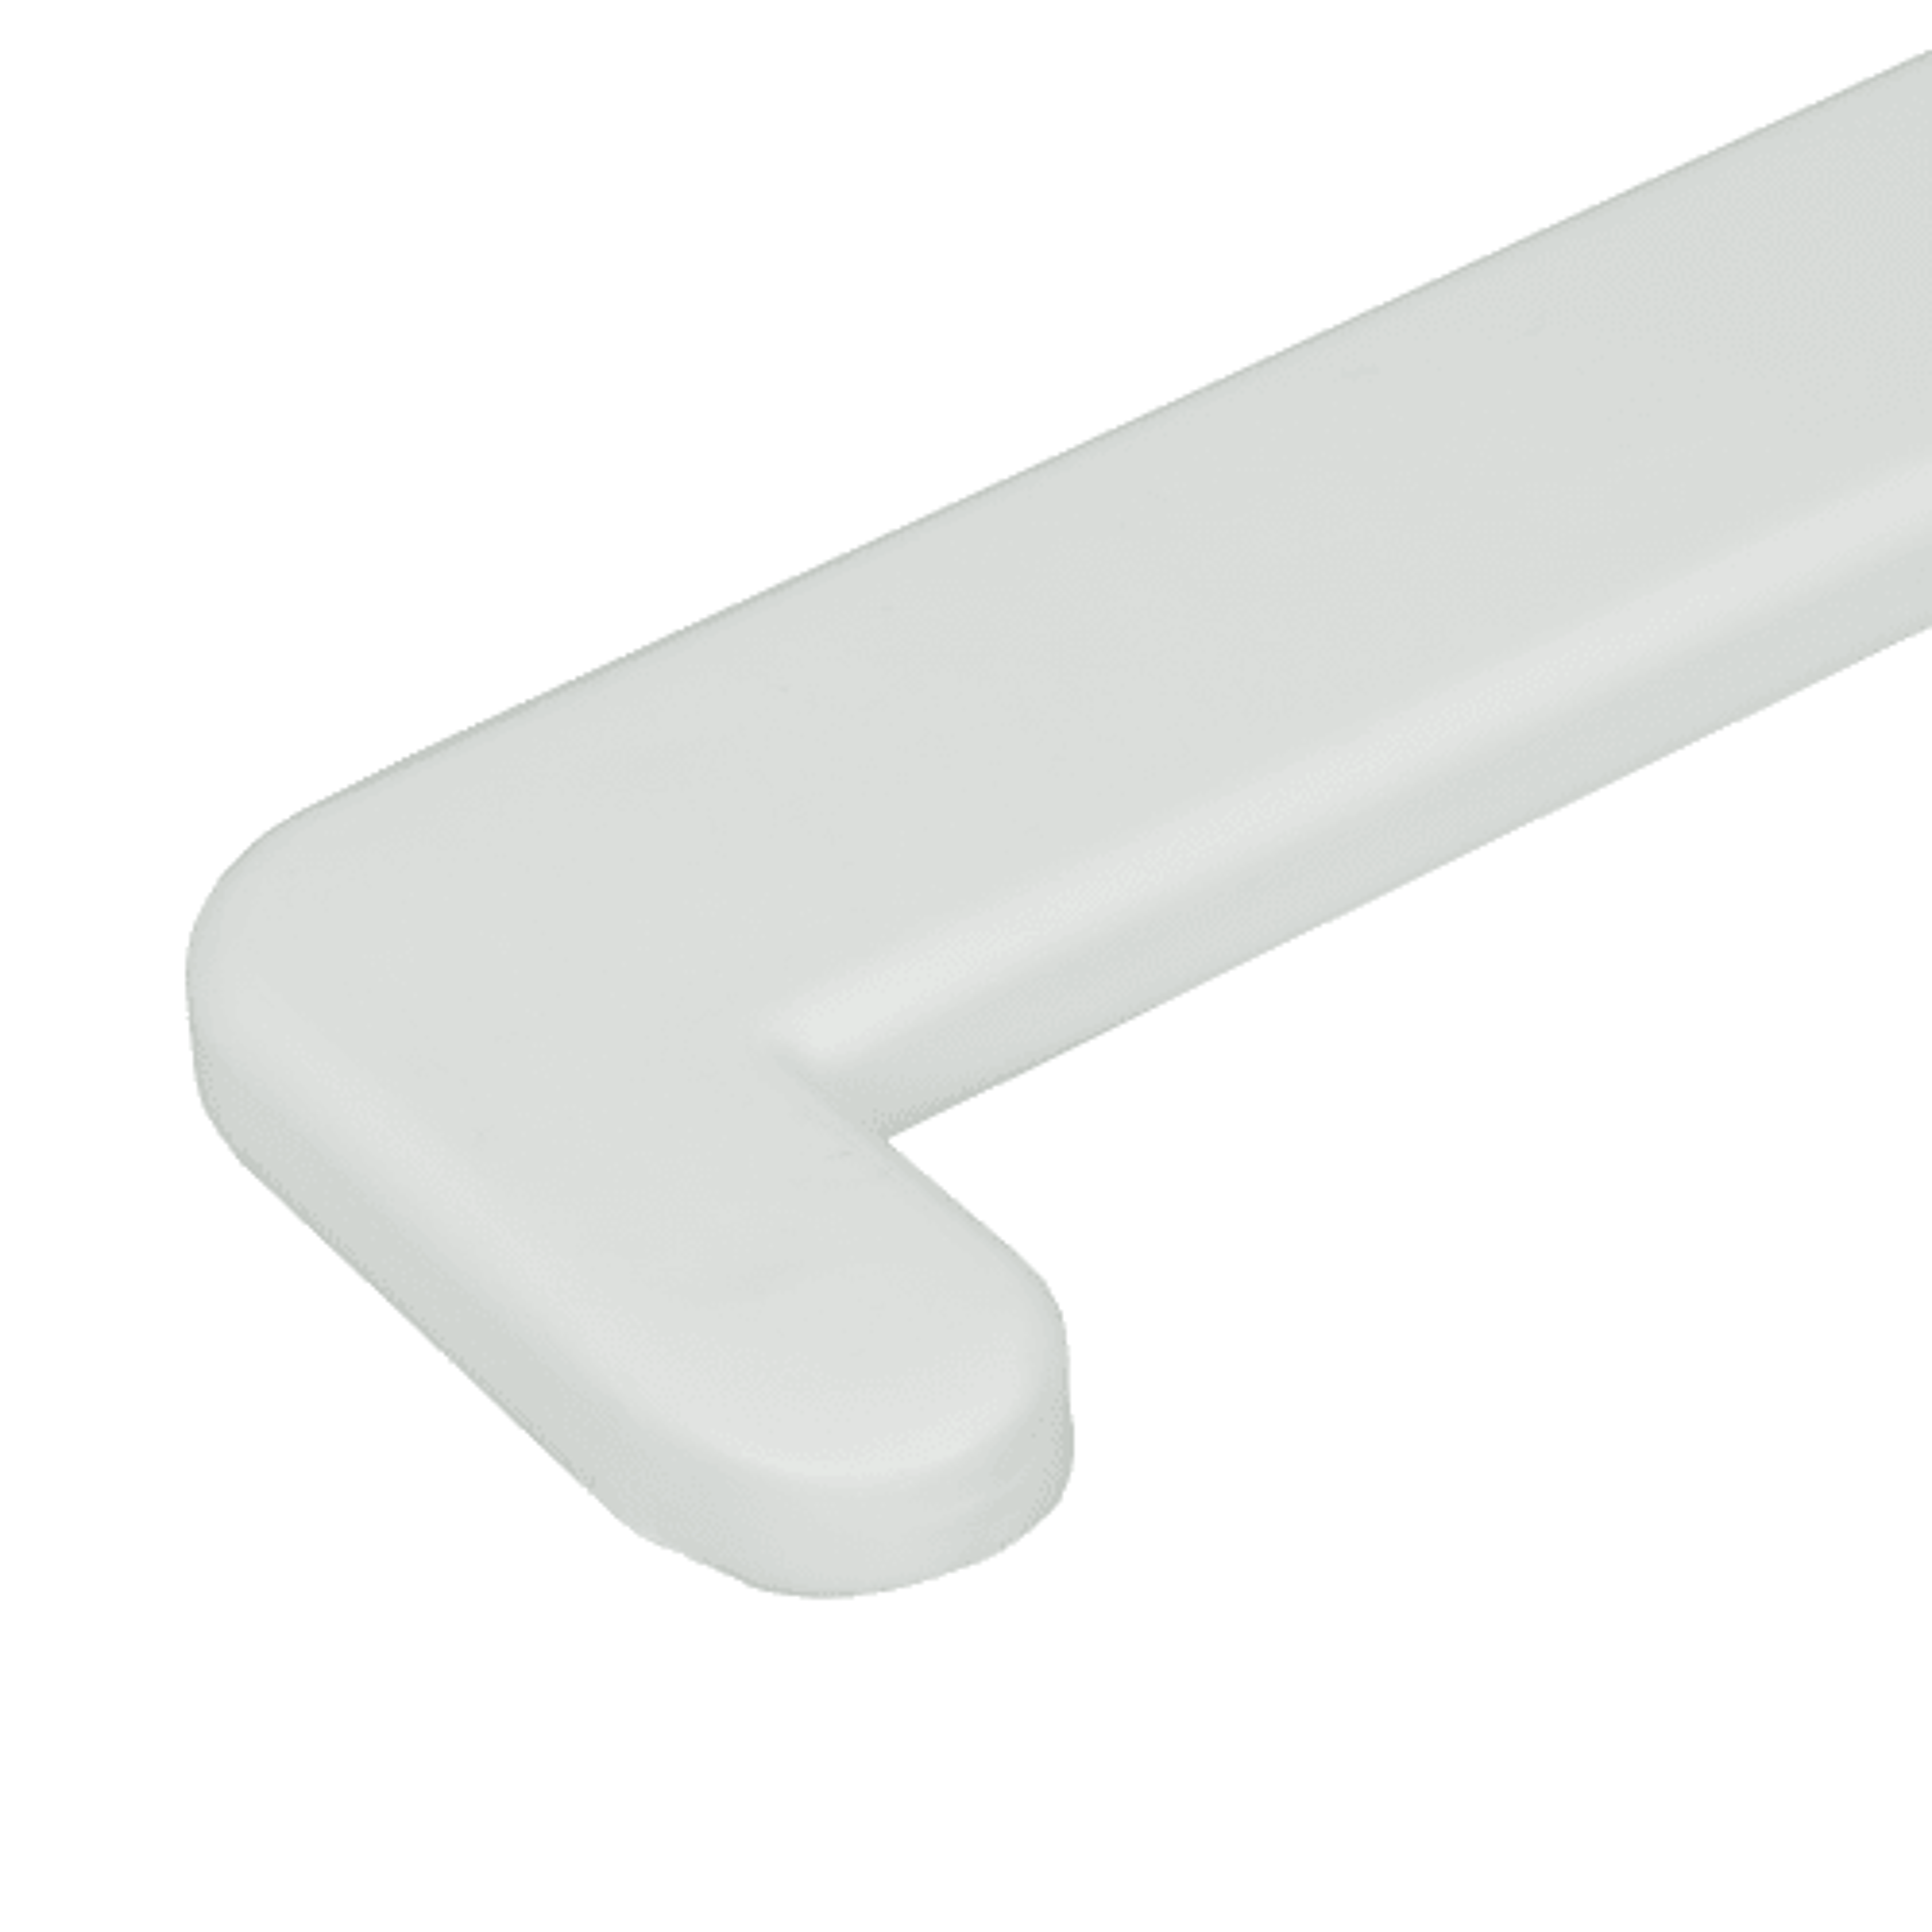 Заглушка для подоконника ПВХ 600 мм двухсторонняя